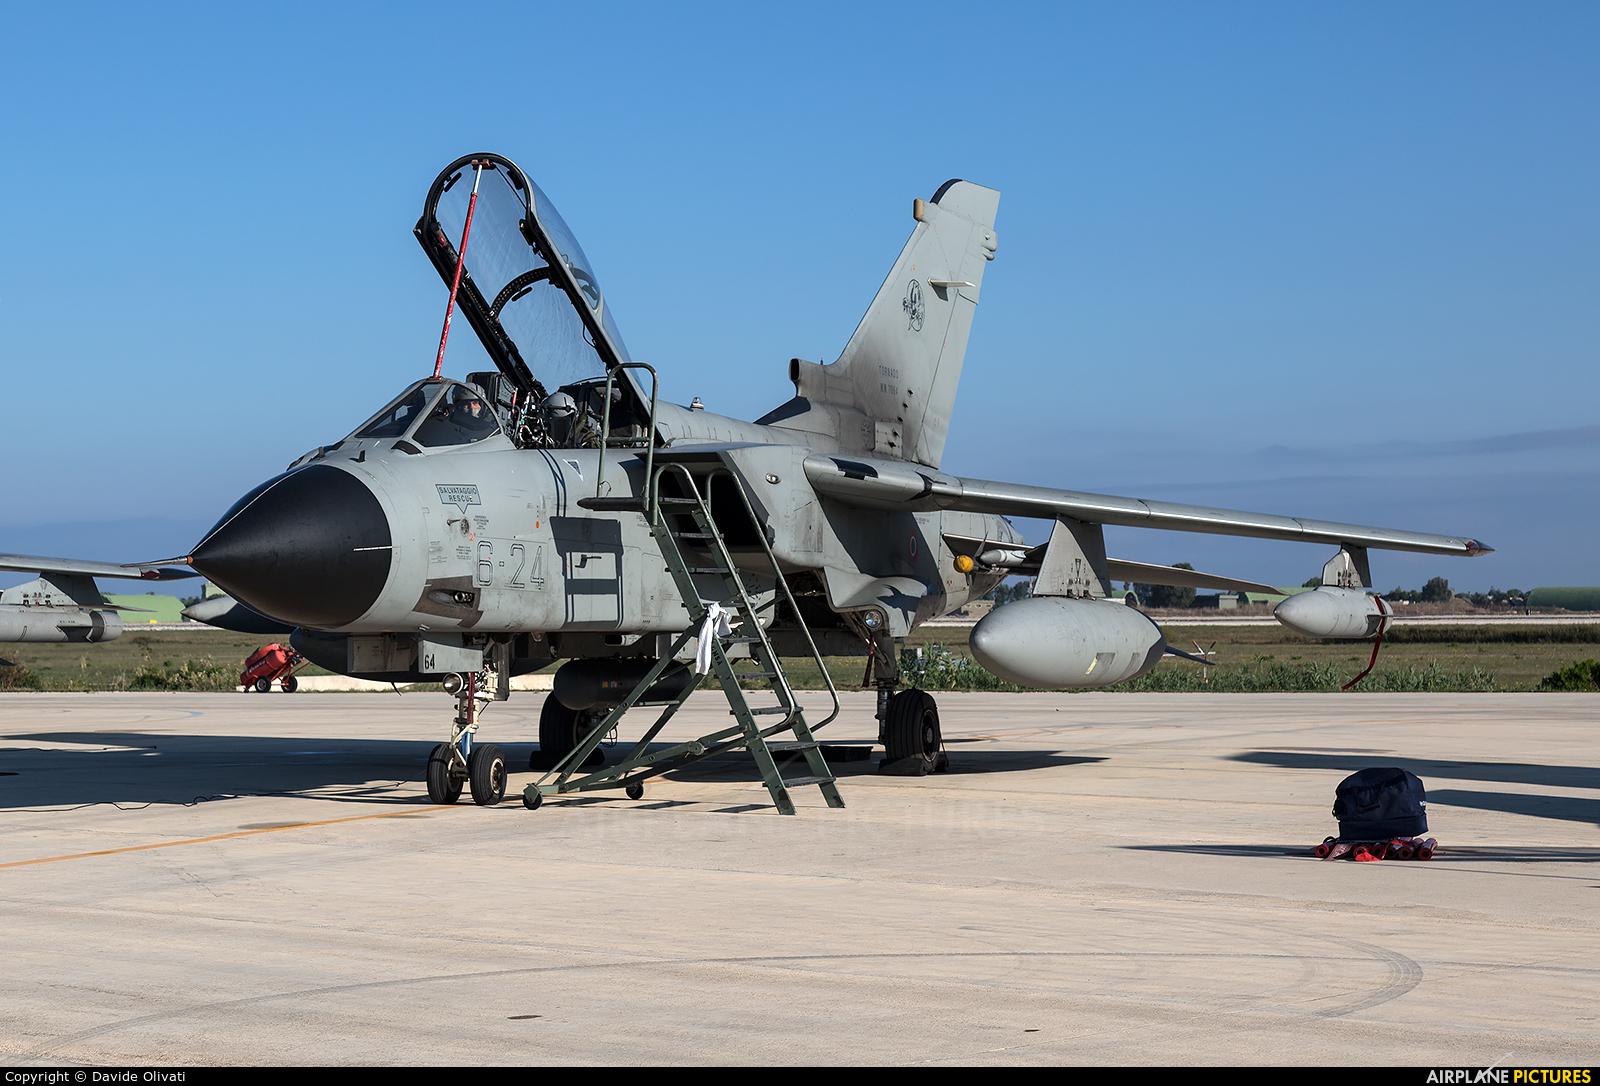 Italy - Air Force MM7064 aircraft at Trapani - Birgi